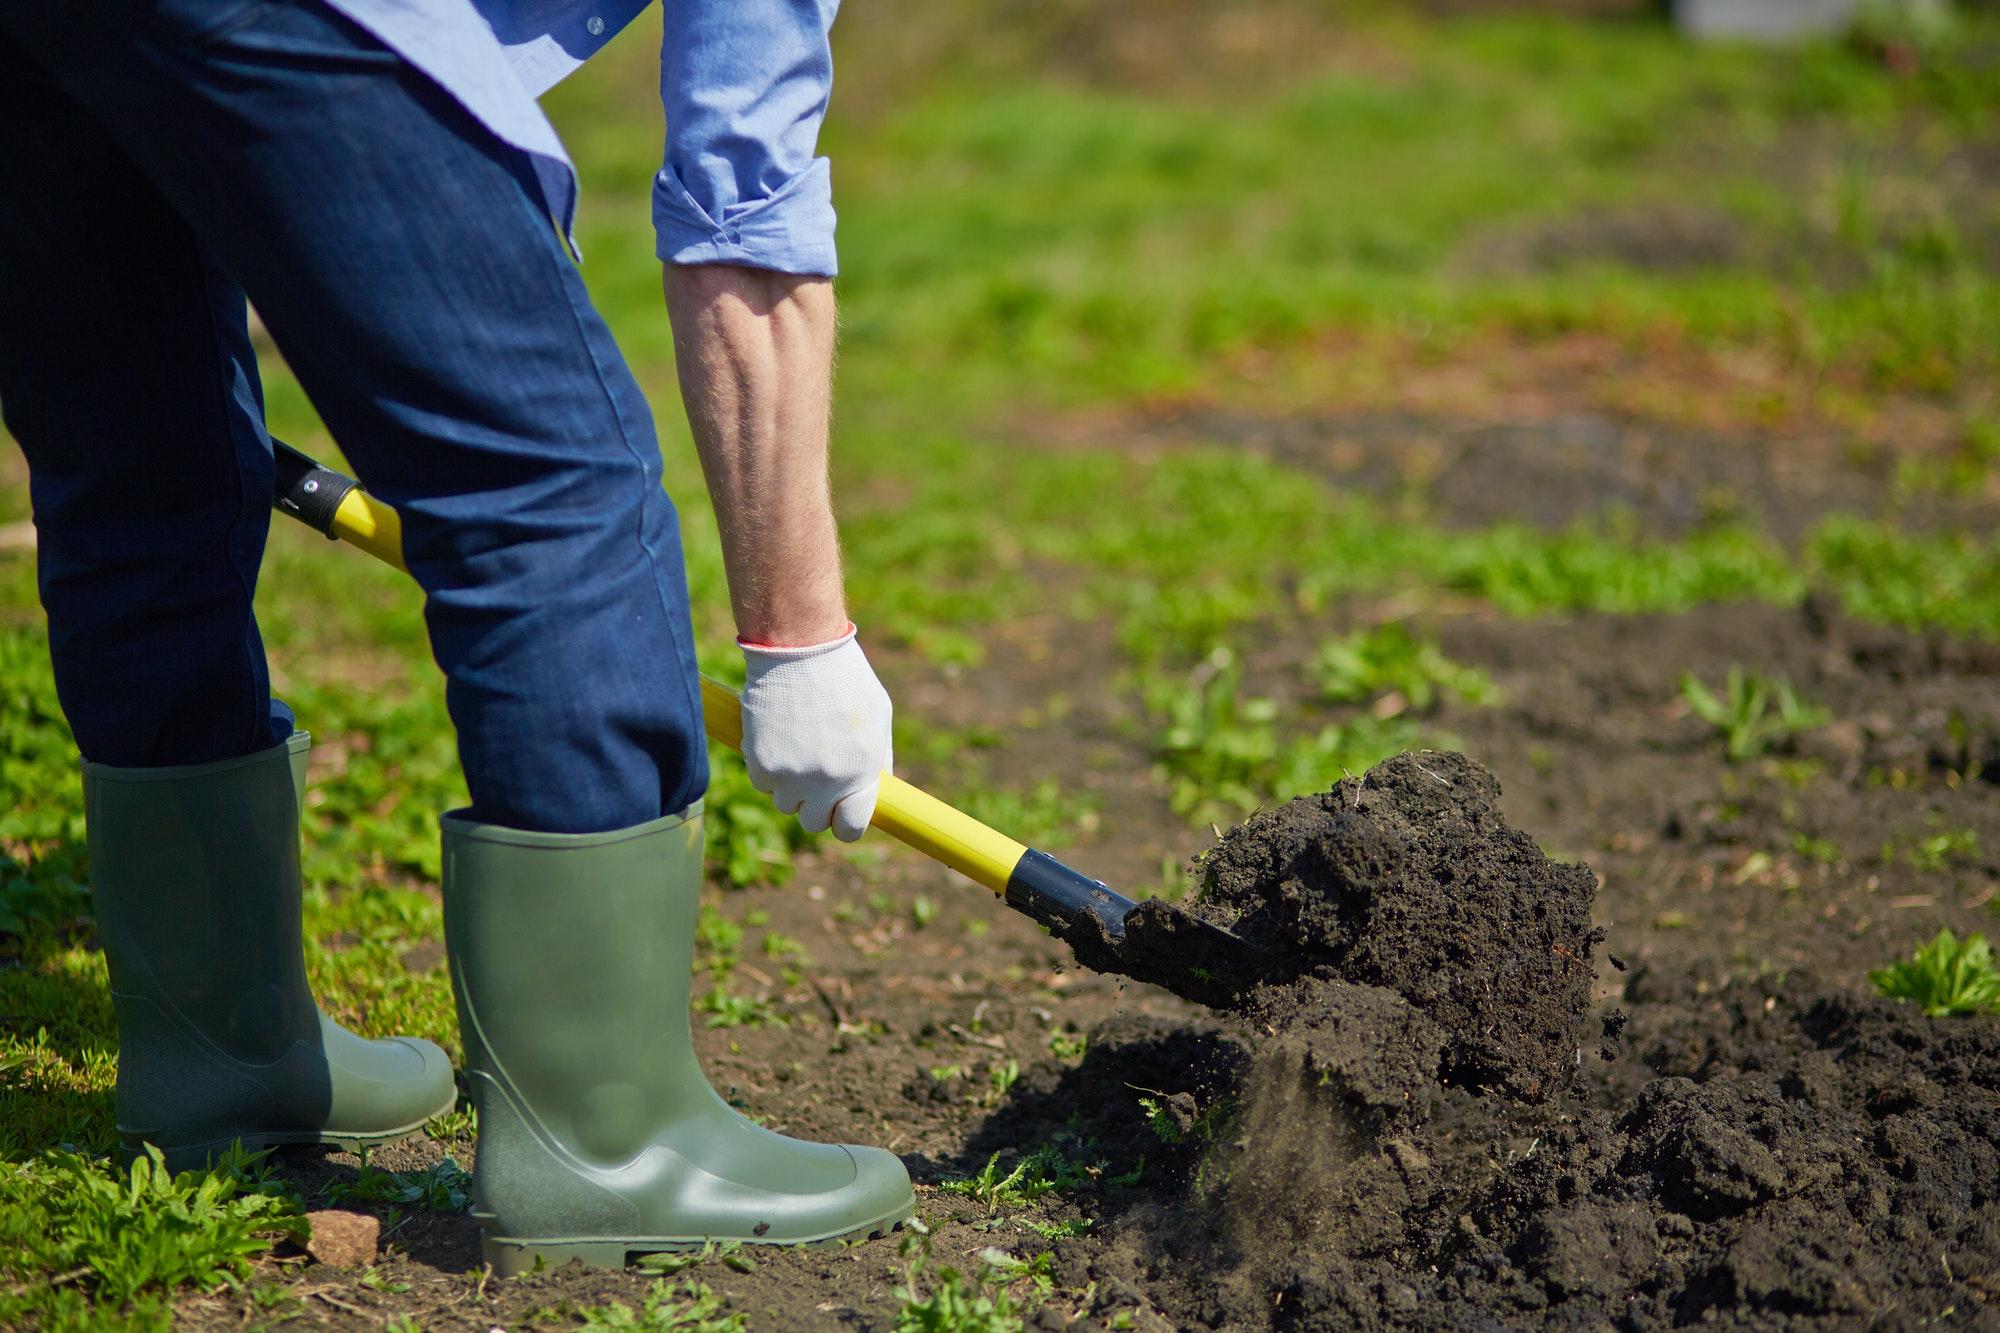 Du kan også komme til at ødelægge en kabel eller ledning hvis du graver i din have , selvom at du ikke bruger dig af en gravemaskine